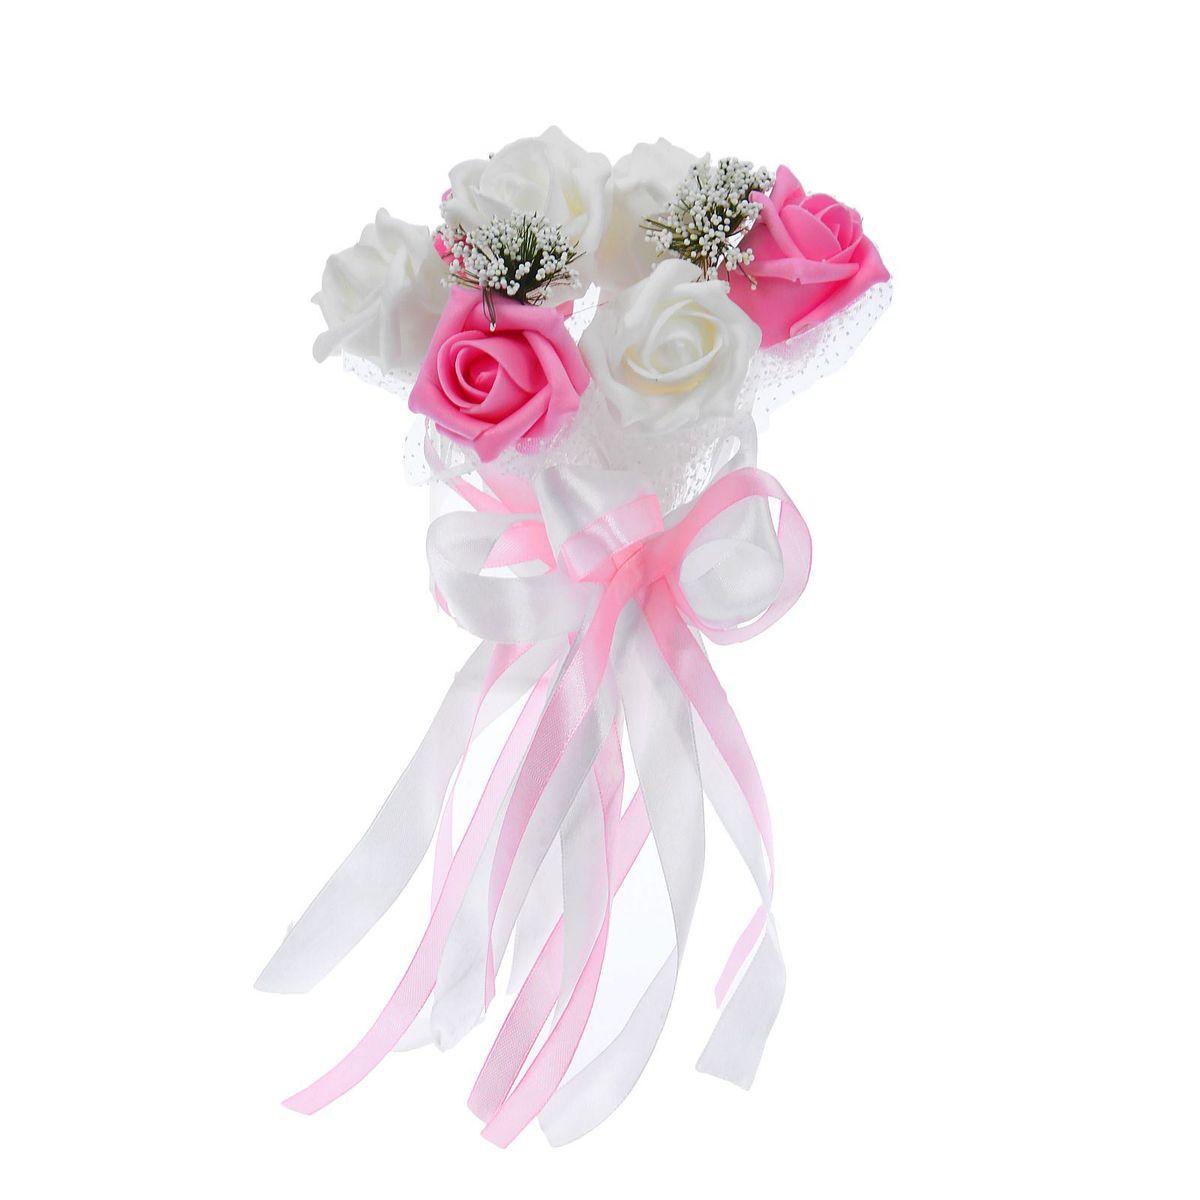 """Страна Карнавалия Букет-дублер """"От всего сердца"""" 7 цветов, цвет: белый, розовый. 1208480"""